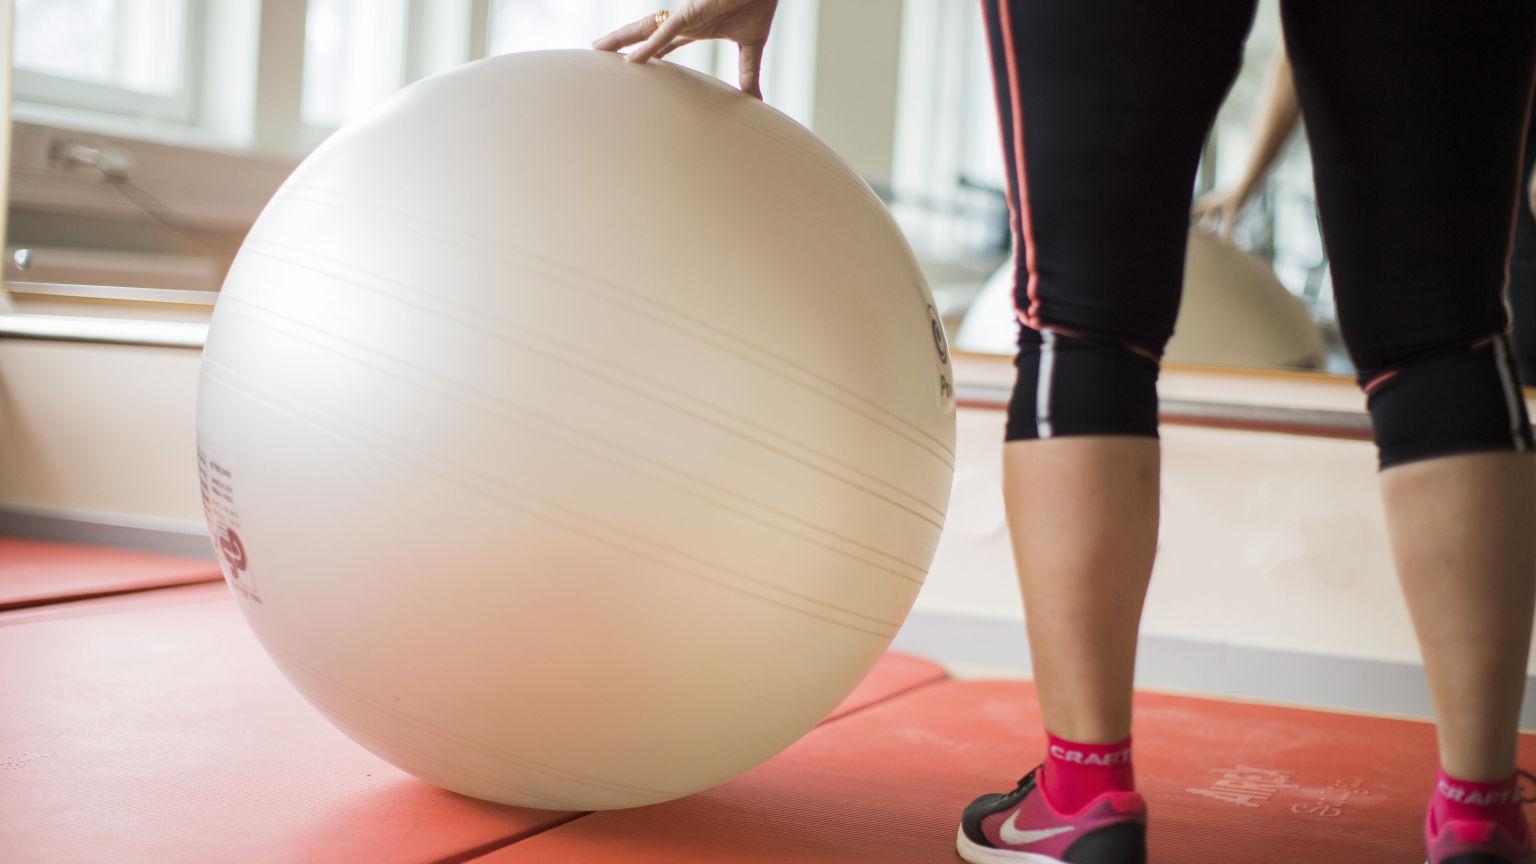 Kvinns står i en gymnastiksal och håller handen på en medicinboll.